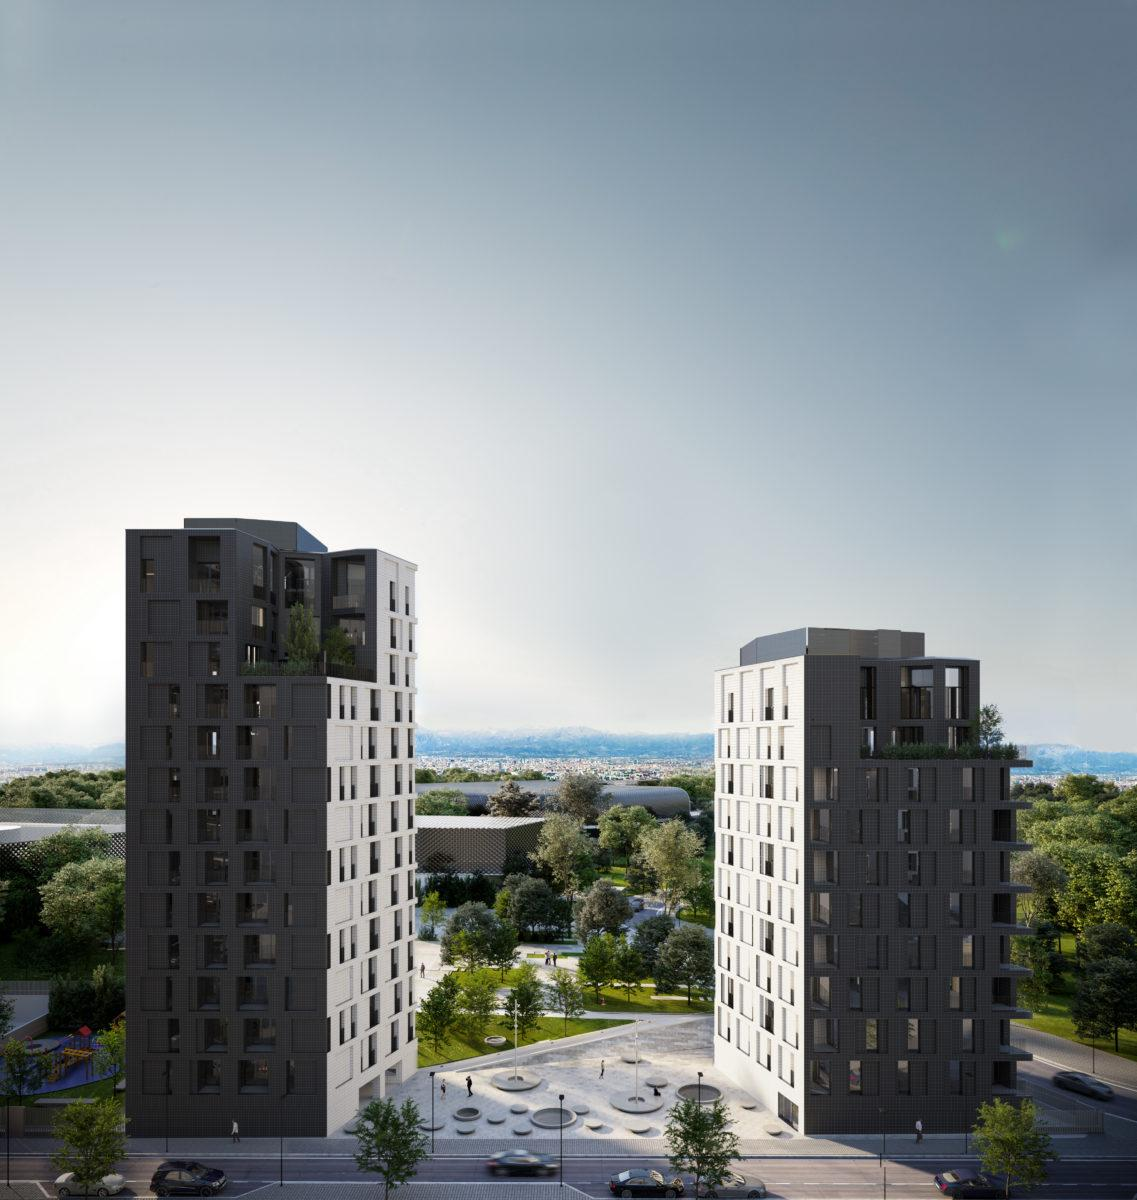 R11-cam-01 Social Housing: Cascina Merlata presentata oggi la fase 2 del progetto Economia